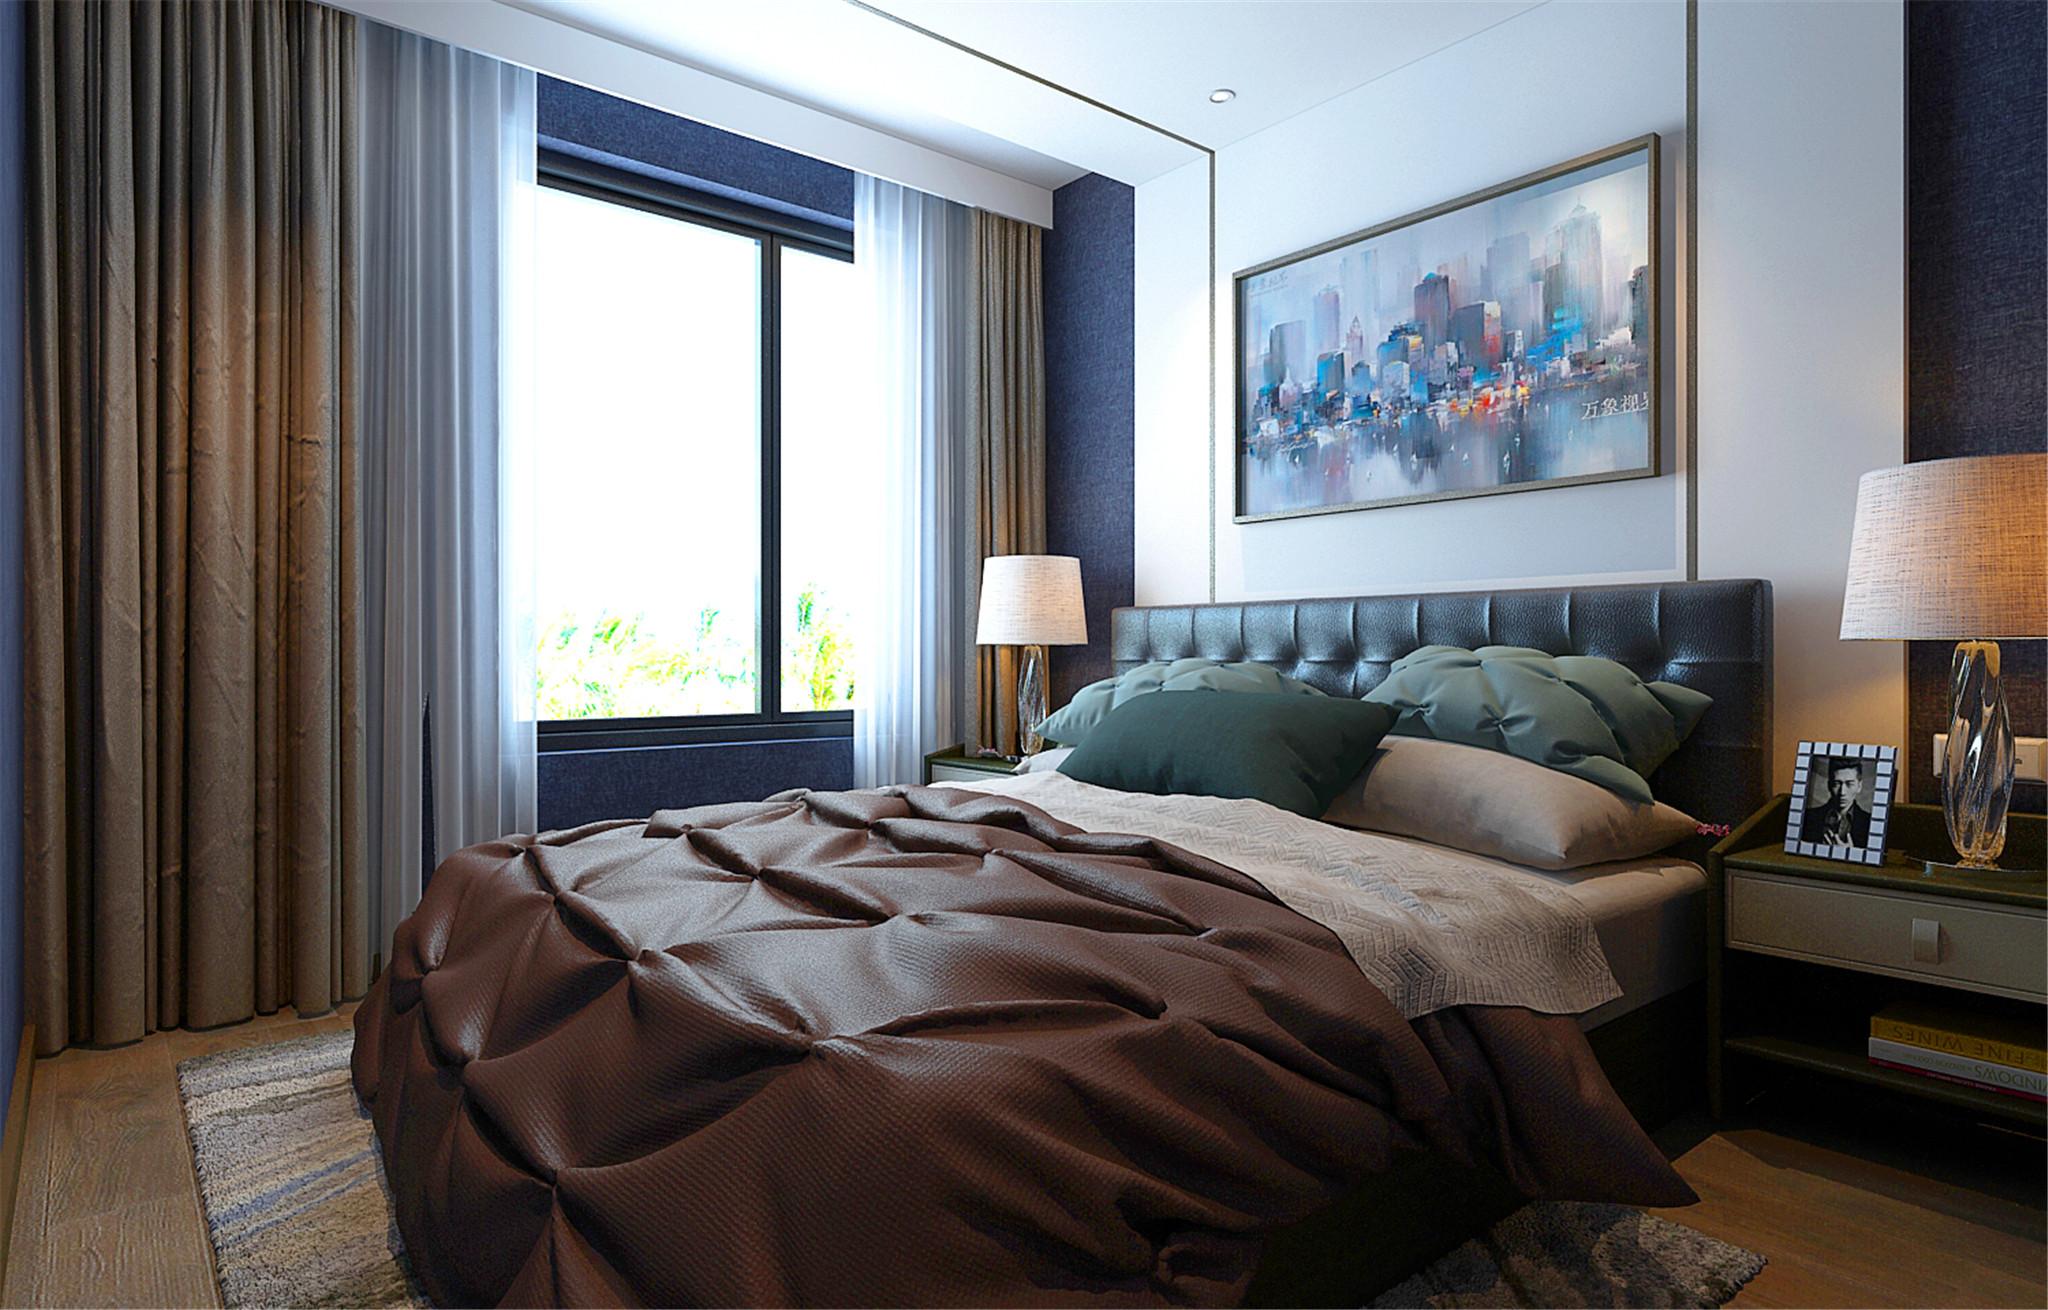 90㎡简约风格家床上用品图片